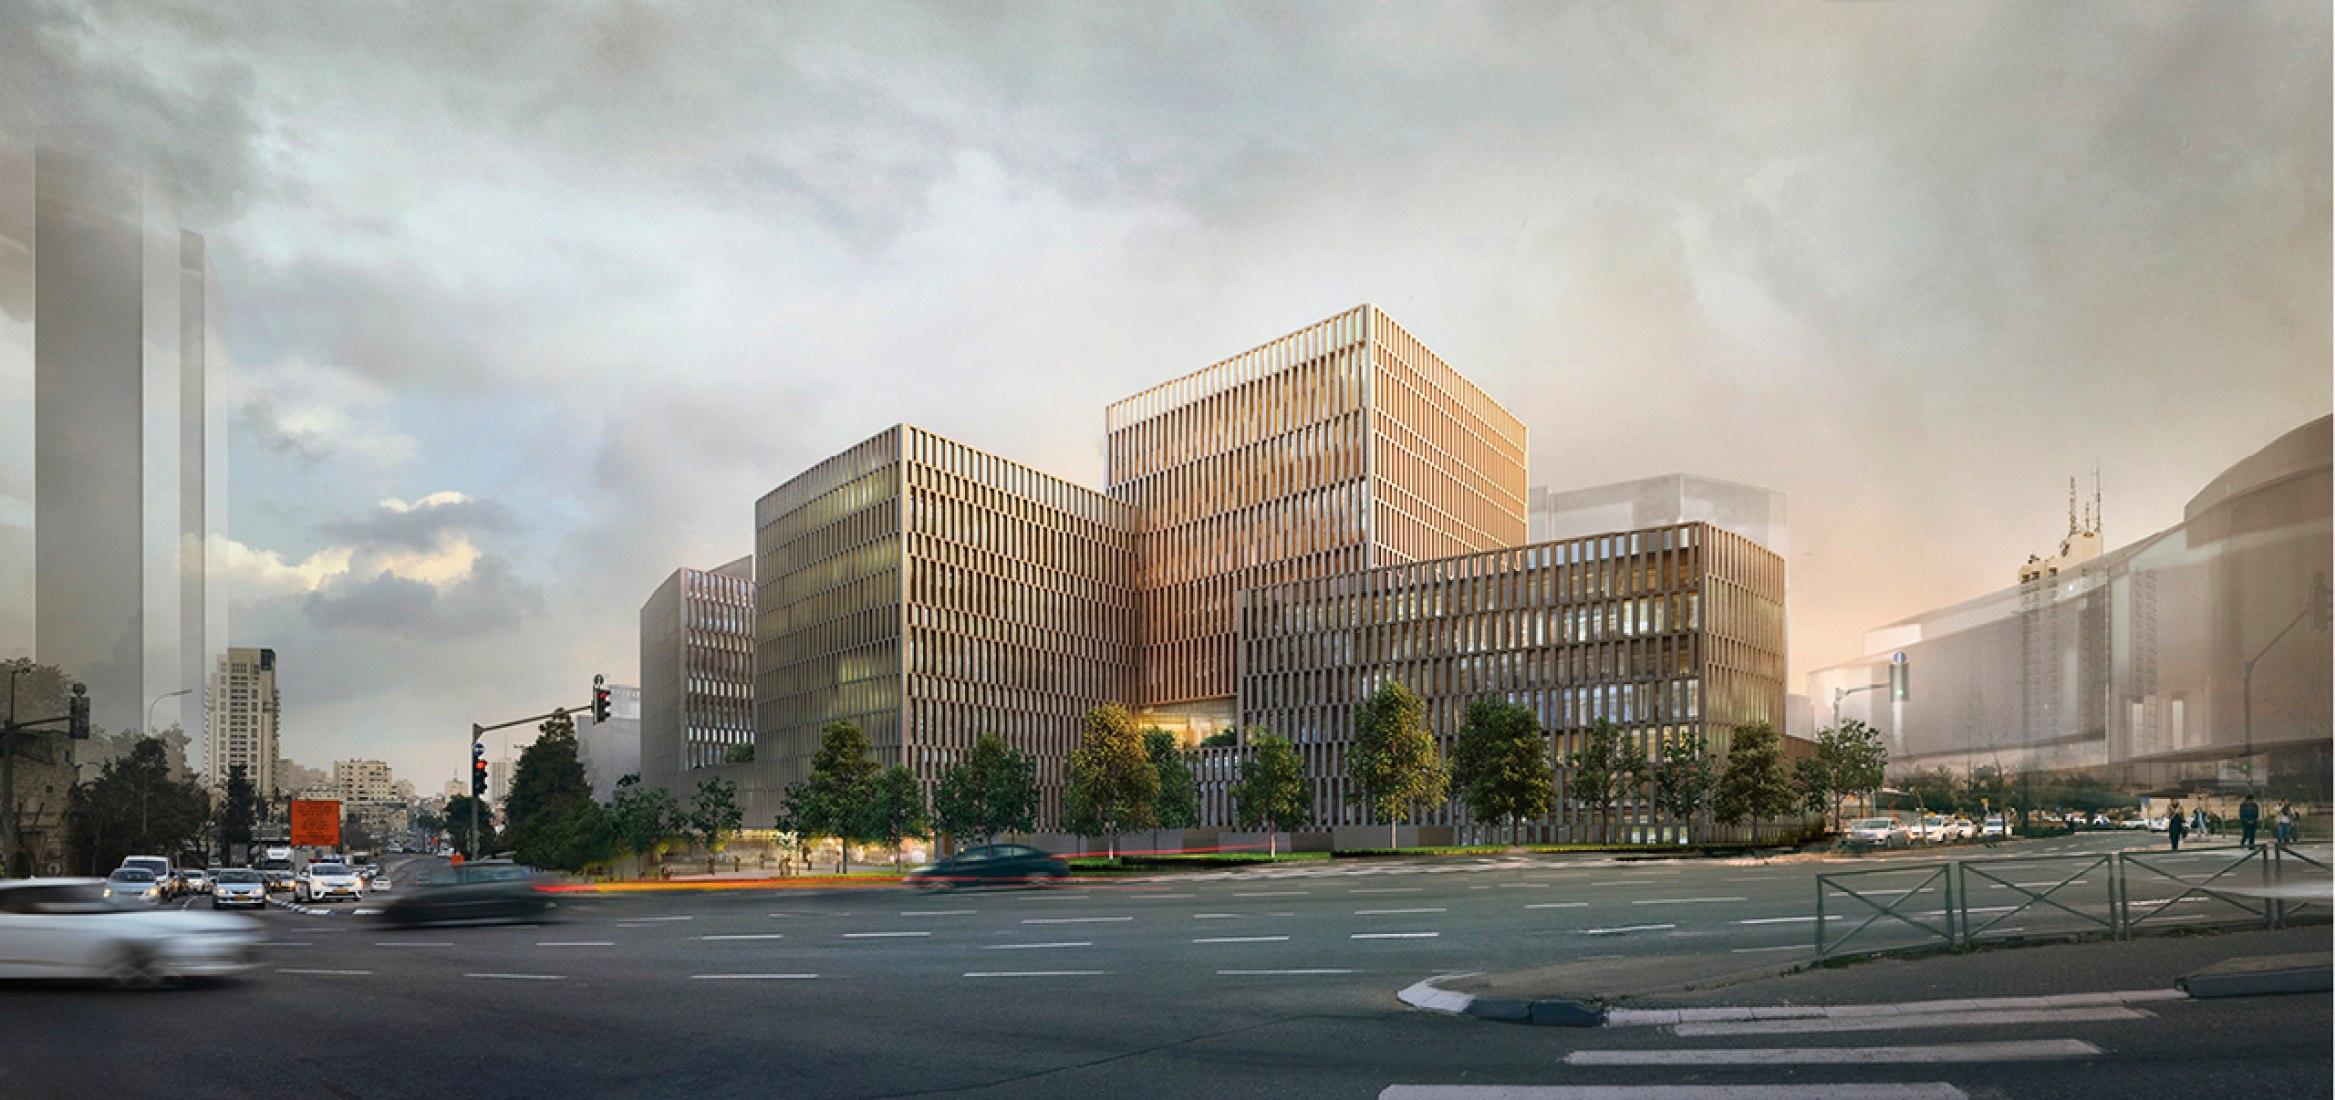 Visualización del nuevo Distrito Judicial por Studio PEZ y Zarhy Architects